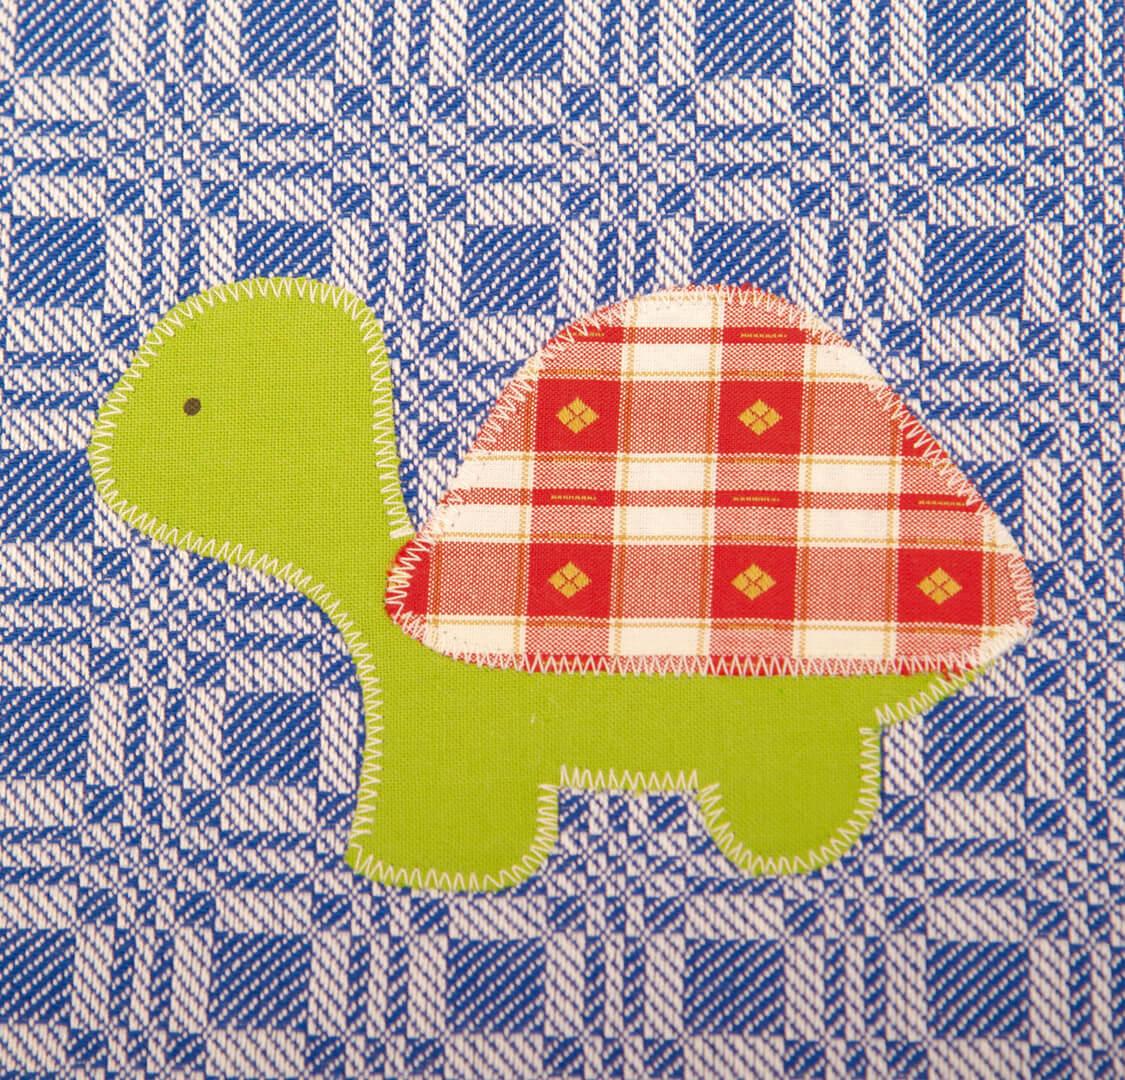 Blaues Geschicrrtuch mit rot/grüner Schildkröte